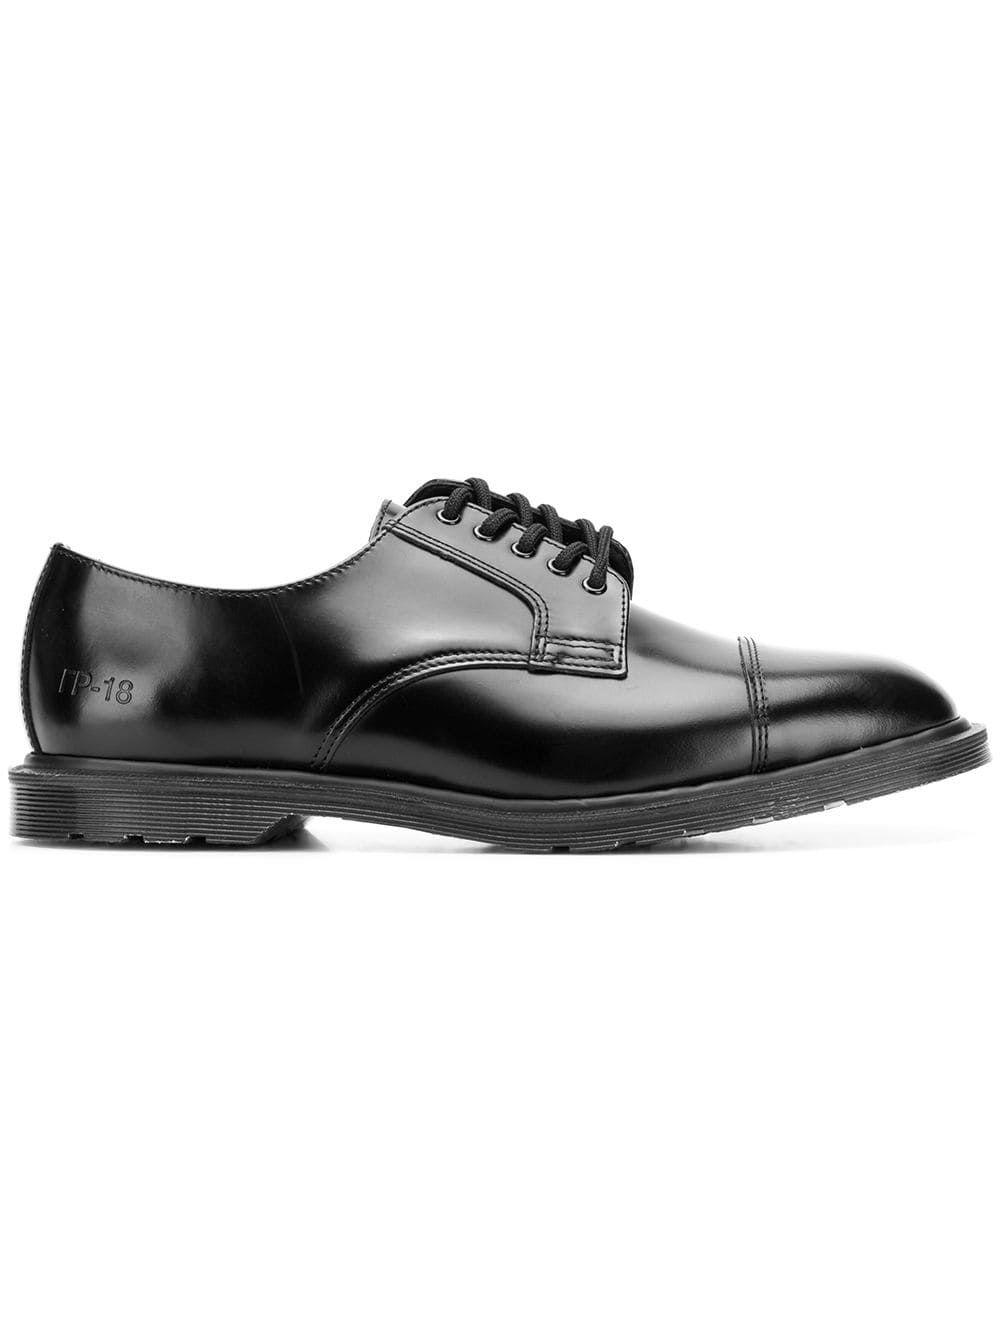 Gosha Rubchinskiy Gosha Rubchinskiy Gosha Rubchinskiy X Dr Martens Derby Shoes Black Gosharubchinskiy Shoes Dress Shoes Men Derby Shoes Oxford Shoes